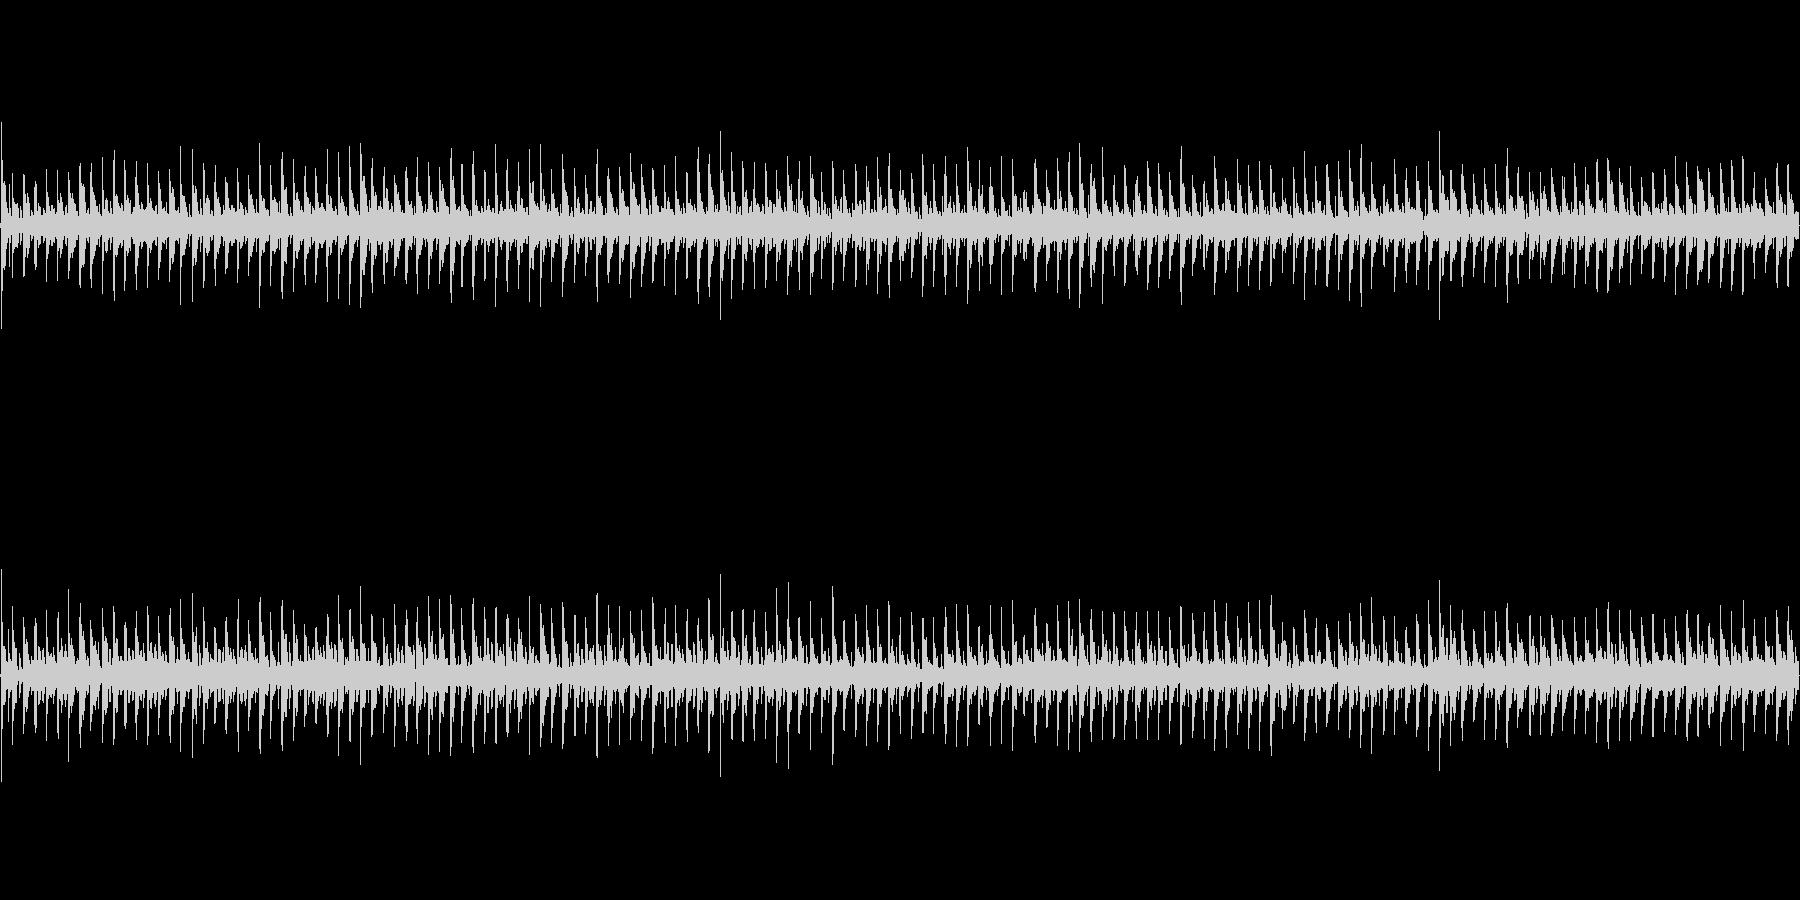 ループ可能。静かで穏やかな曲になってい…の未再生の波形